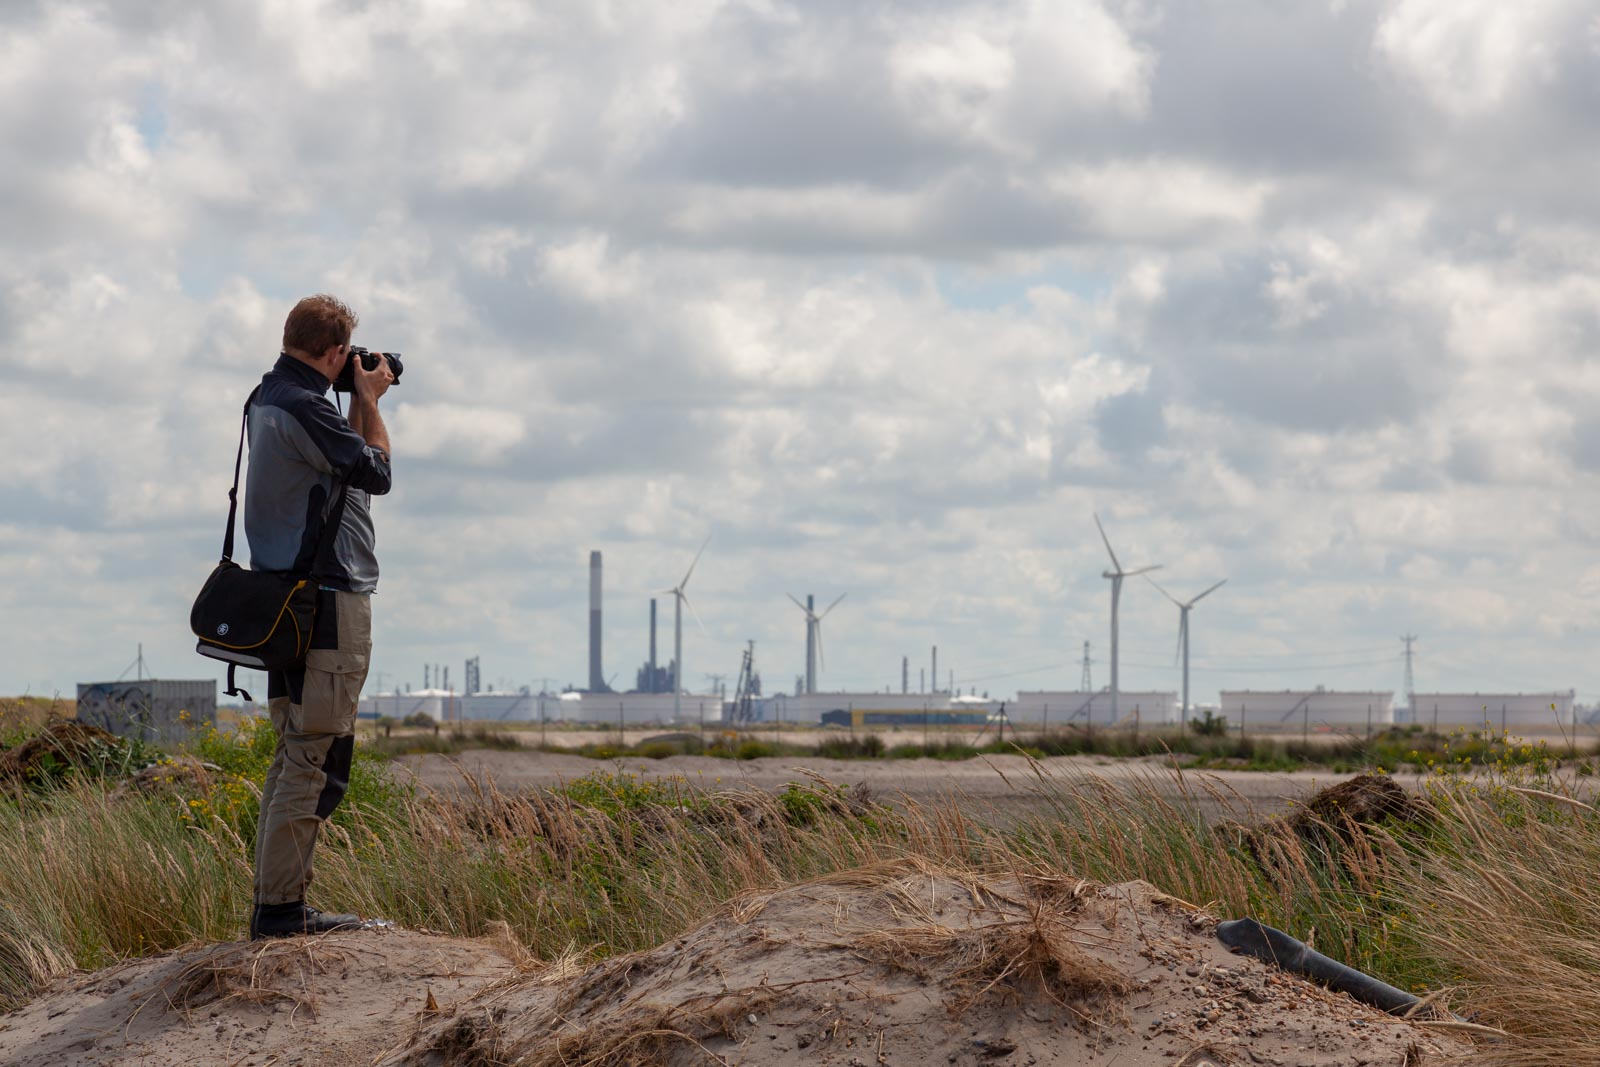 Cursist van Fotografieles.nl aan het fotograferen op de Maasvlakte